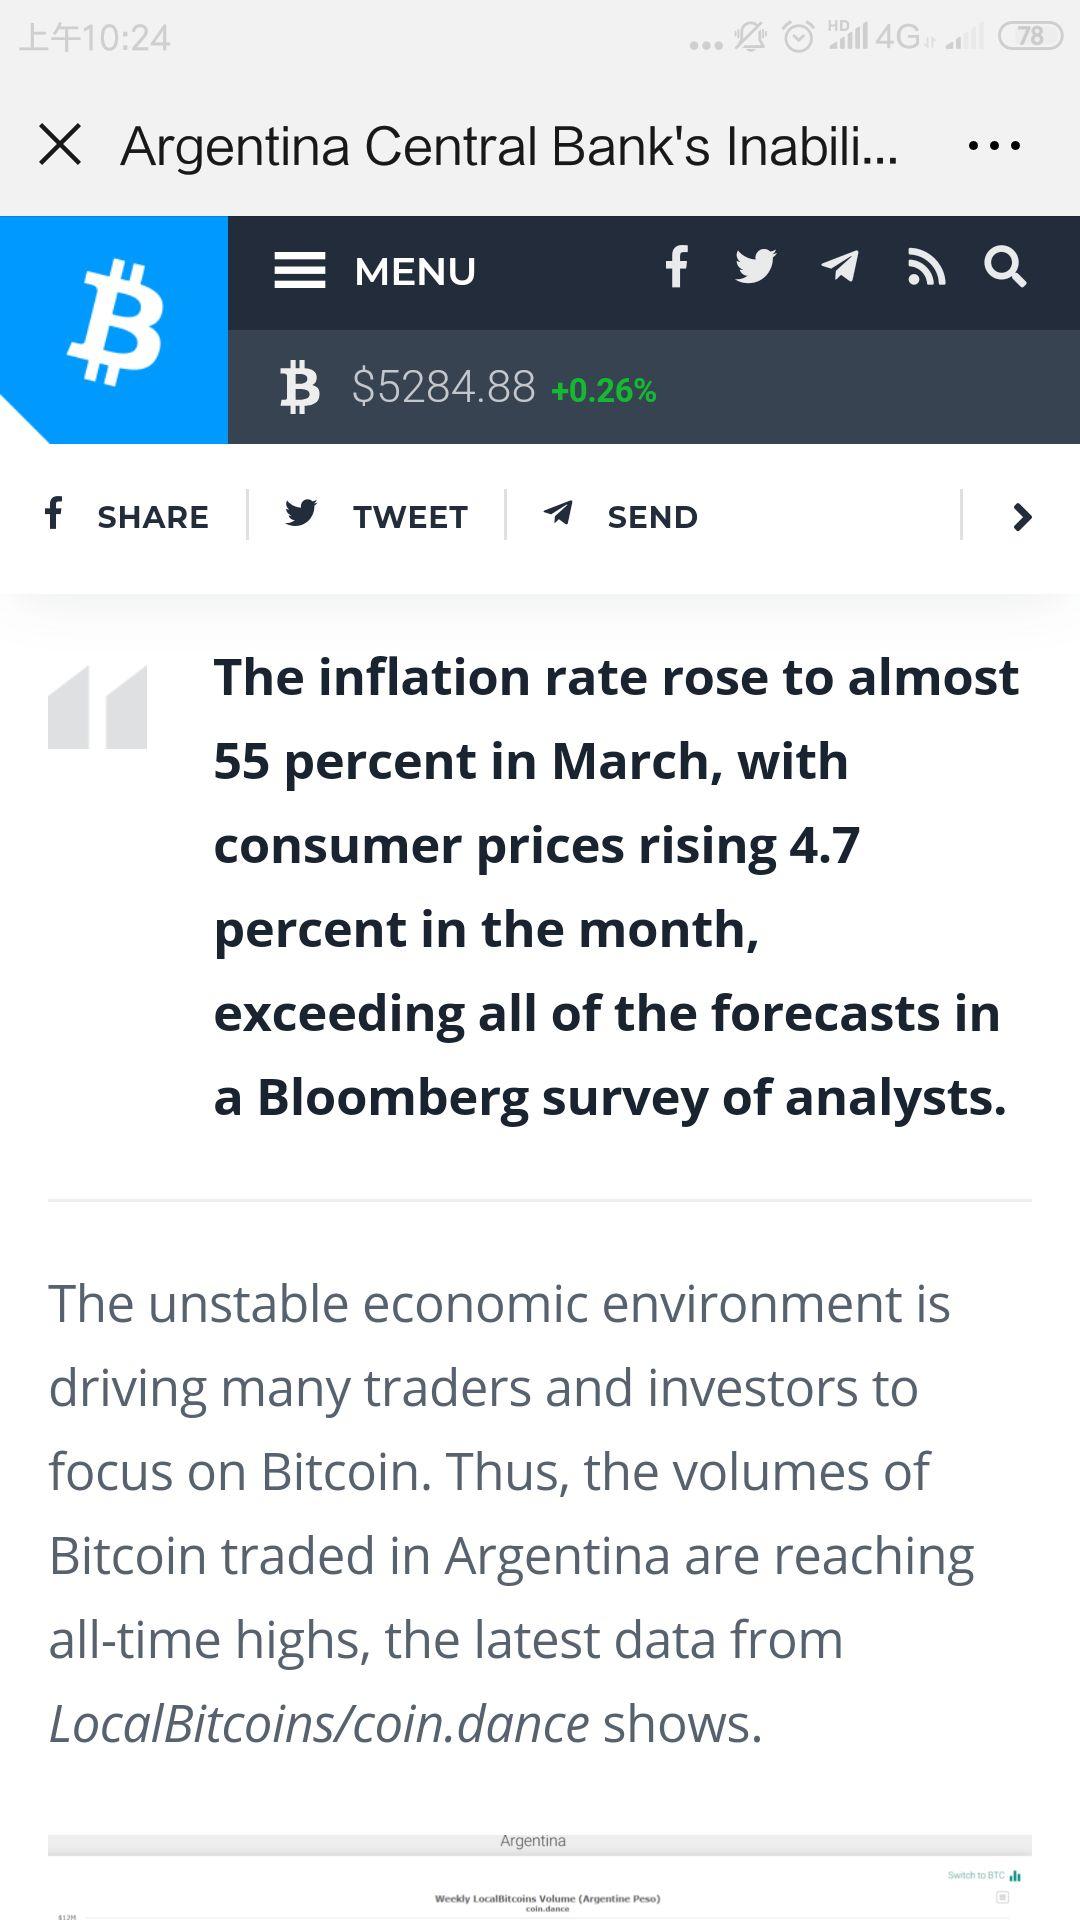 阿根廷通胀超54%,BTC成替代品,交易量达历史最高水平!